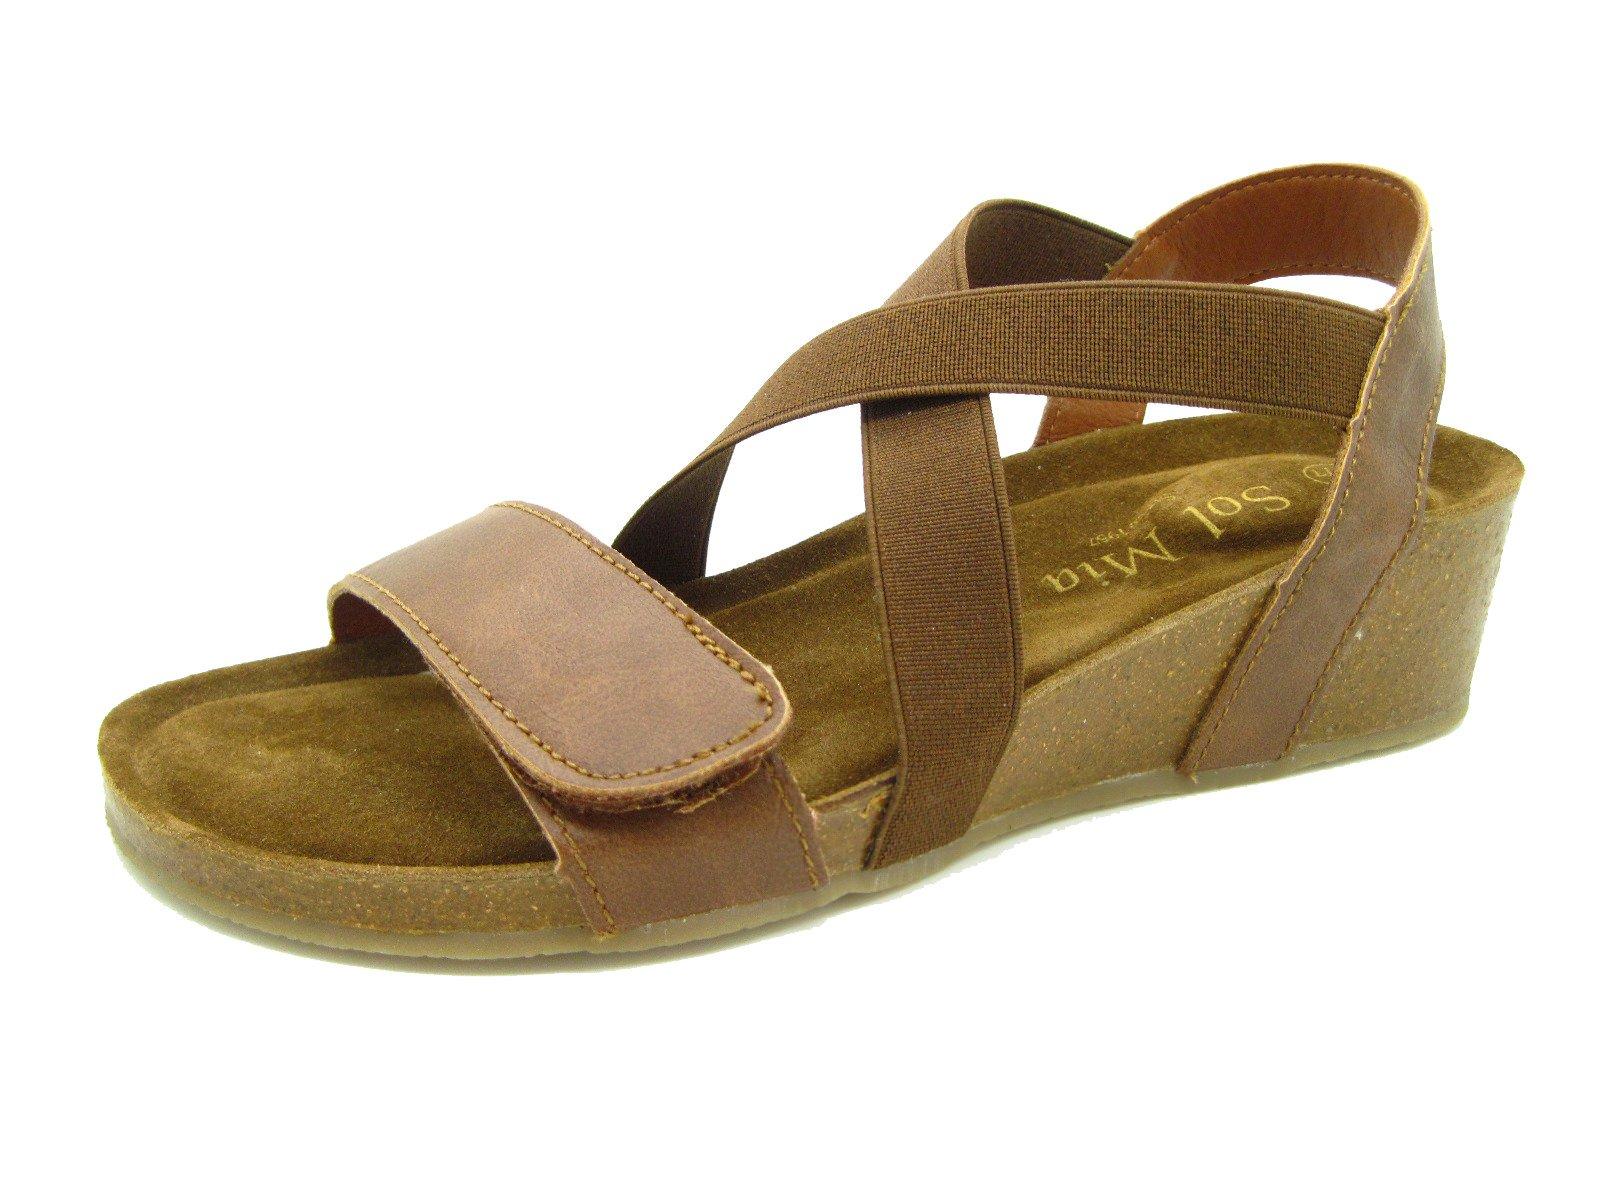 Sol Mia Women's Low Heel Wedge Comfort Sandals Adjustable Elastic Shoes, Brown, 10 B(M) / 41 M EU